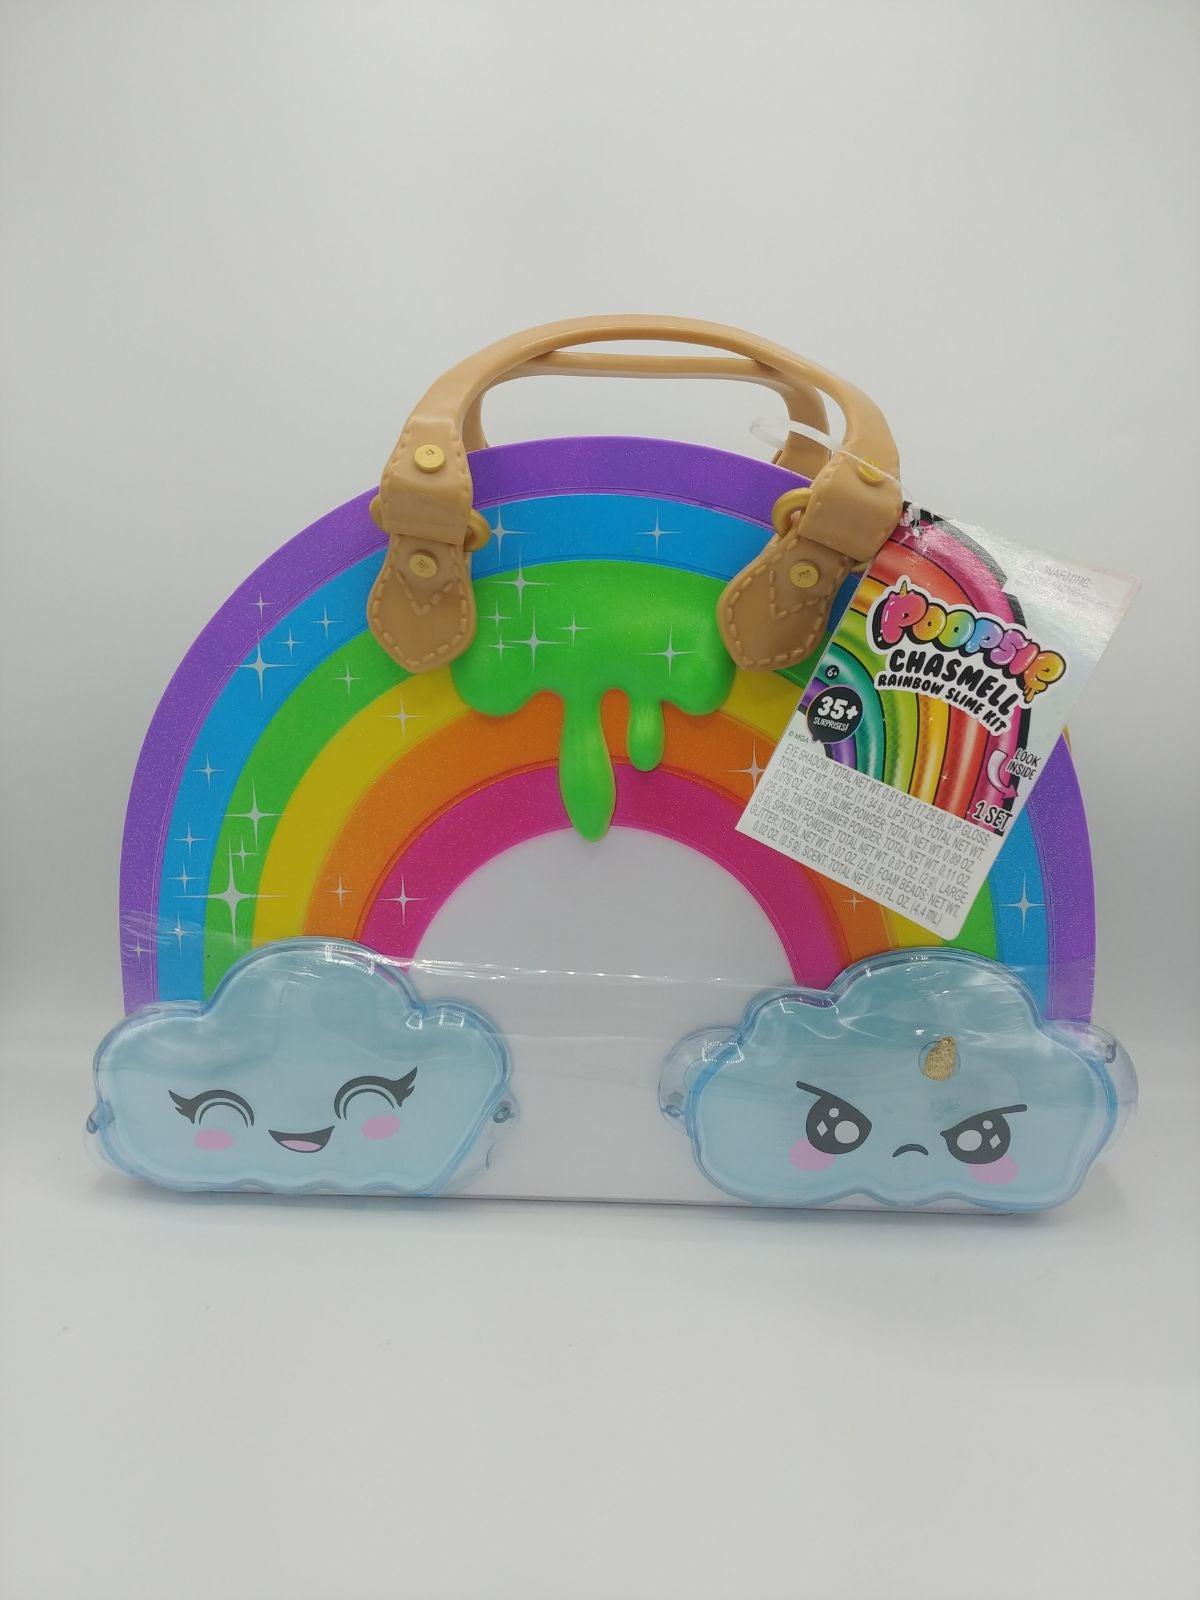 Poopsie Chasmell Rainbow Sline Kit 35+ s